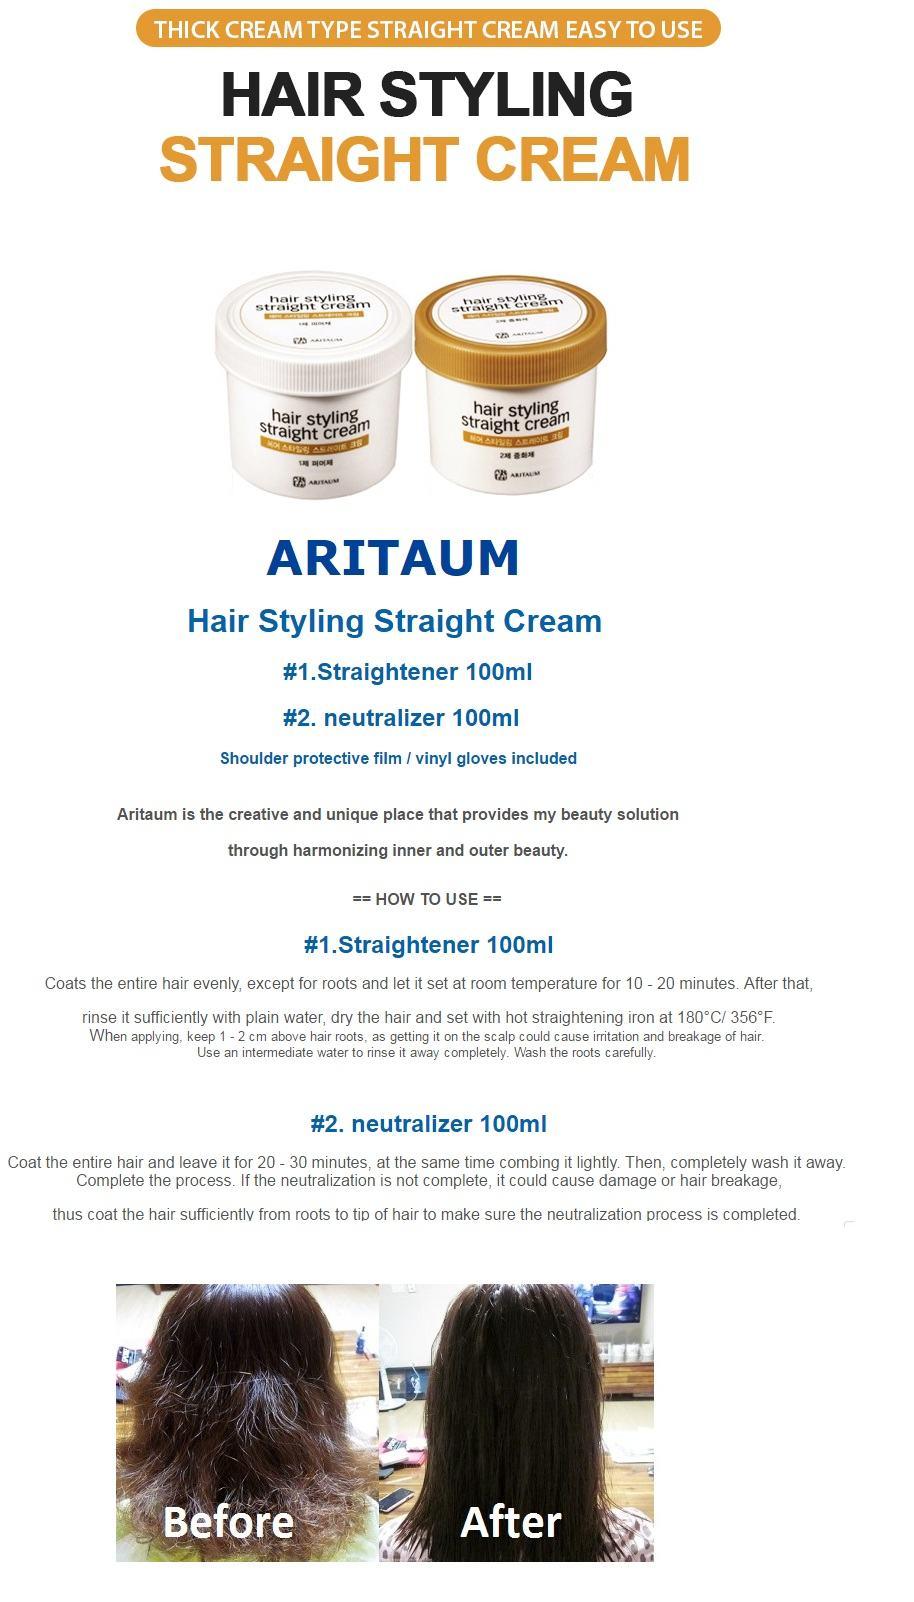 ARITAUM Hair Styling Straight Cream 100ml